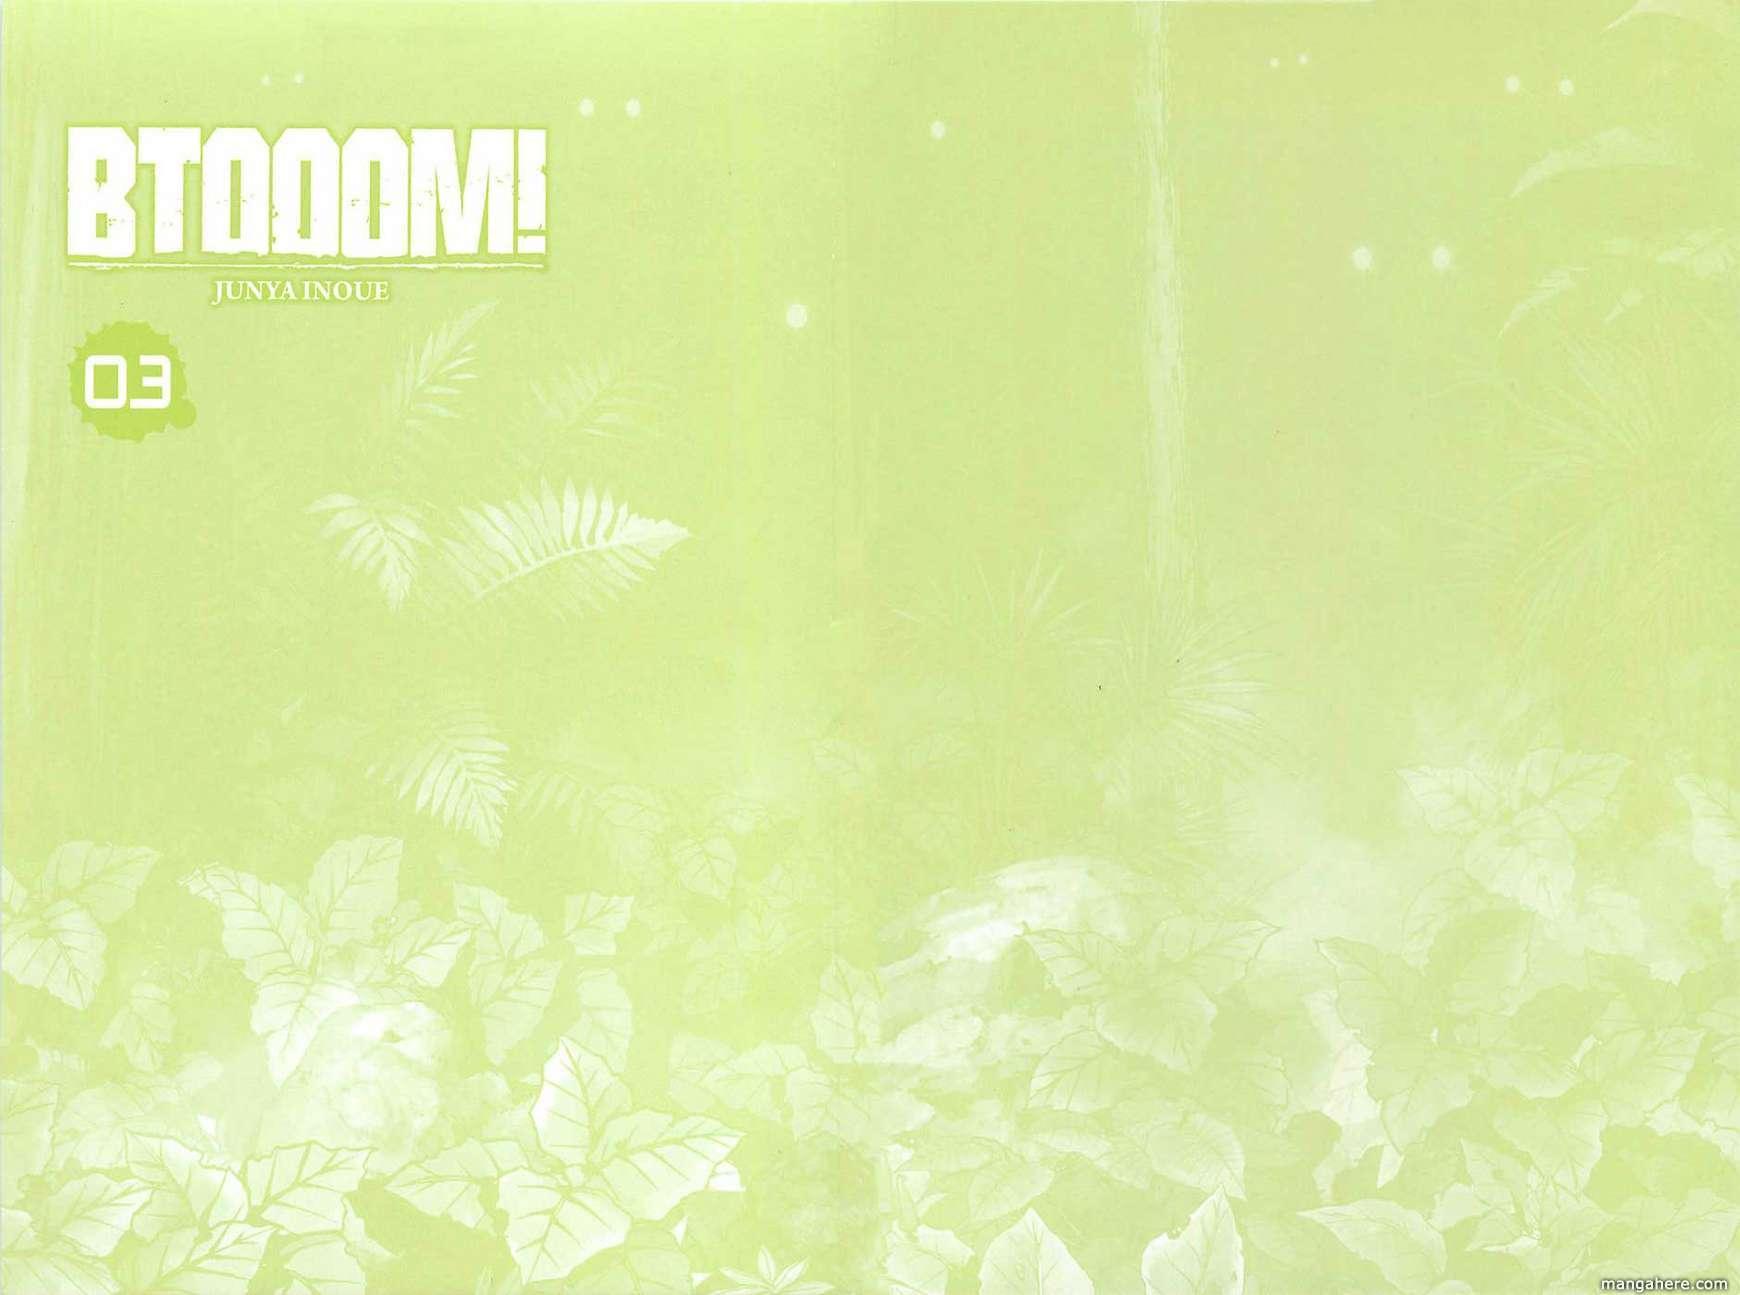 Btooom! 15 Page 2